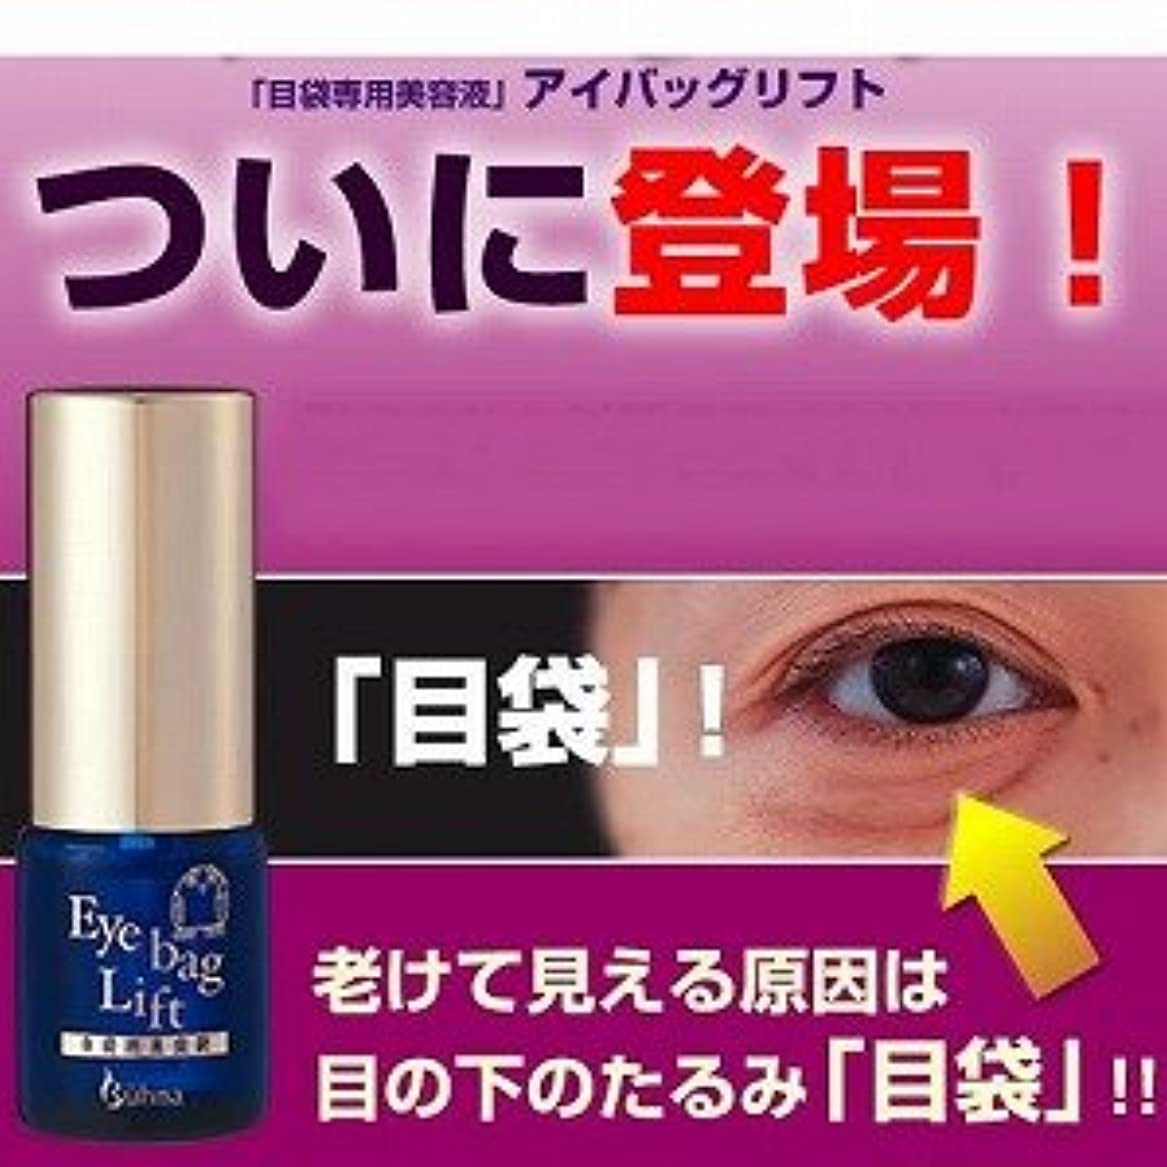 大砲やるセンター老けて見える原因は、目元、目の下のたるみ「目袋」『目袋専用美容液 アイバッグリフト』